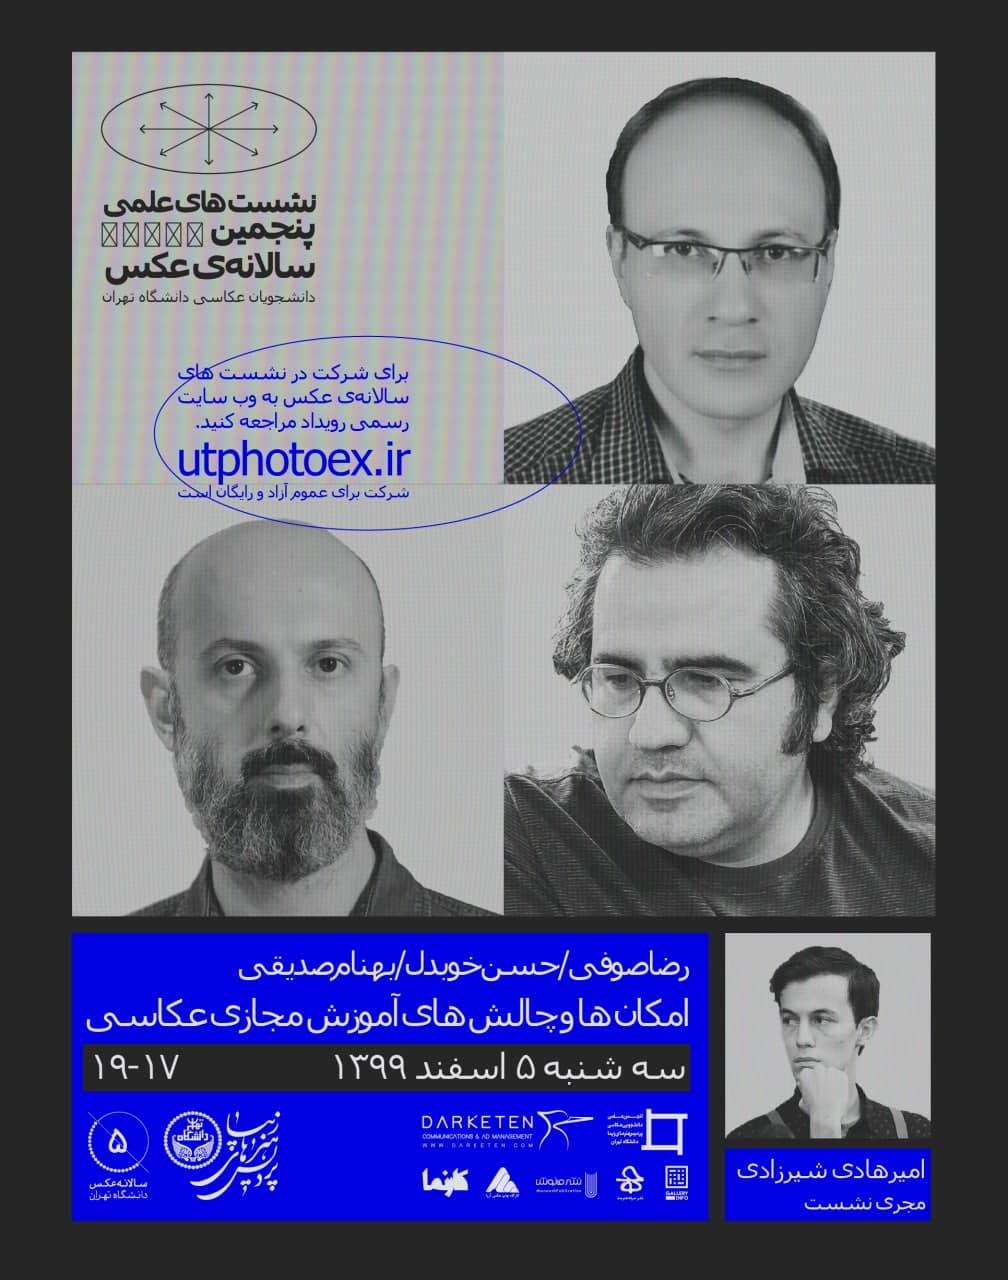 نشست «امکانها و چالشهای آموزش مجازی عکاسی در ایران»